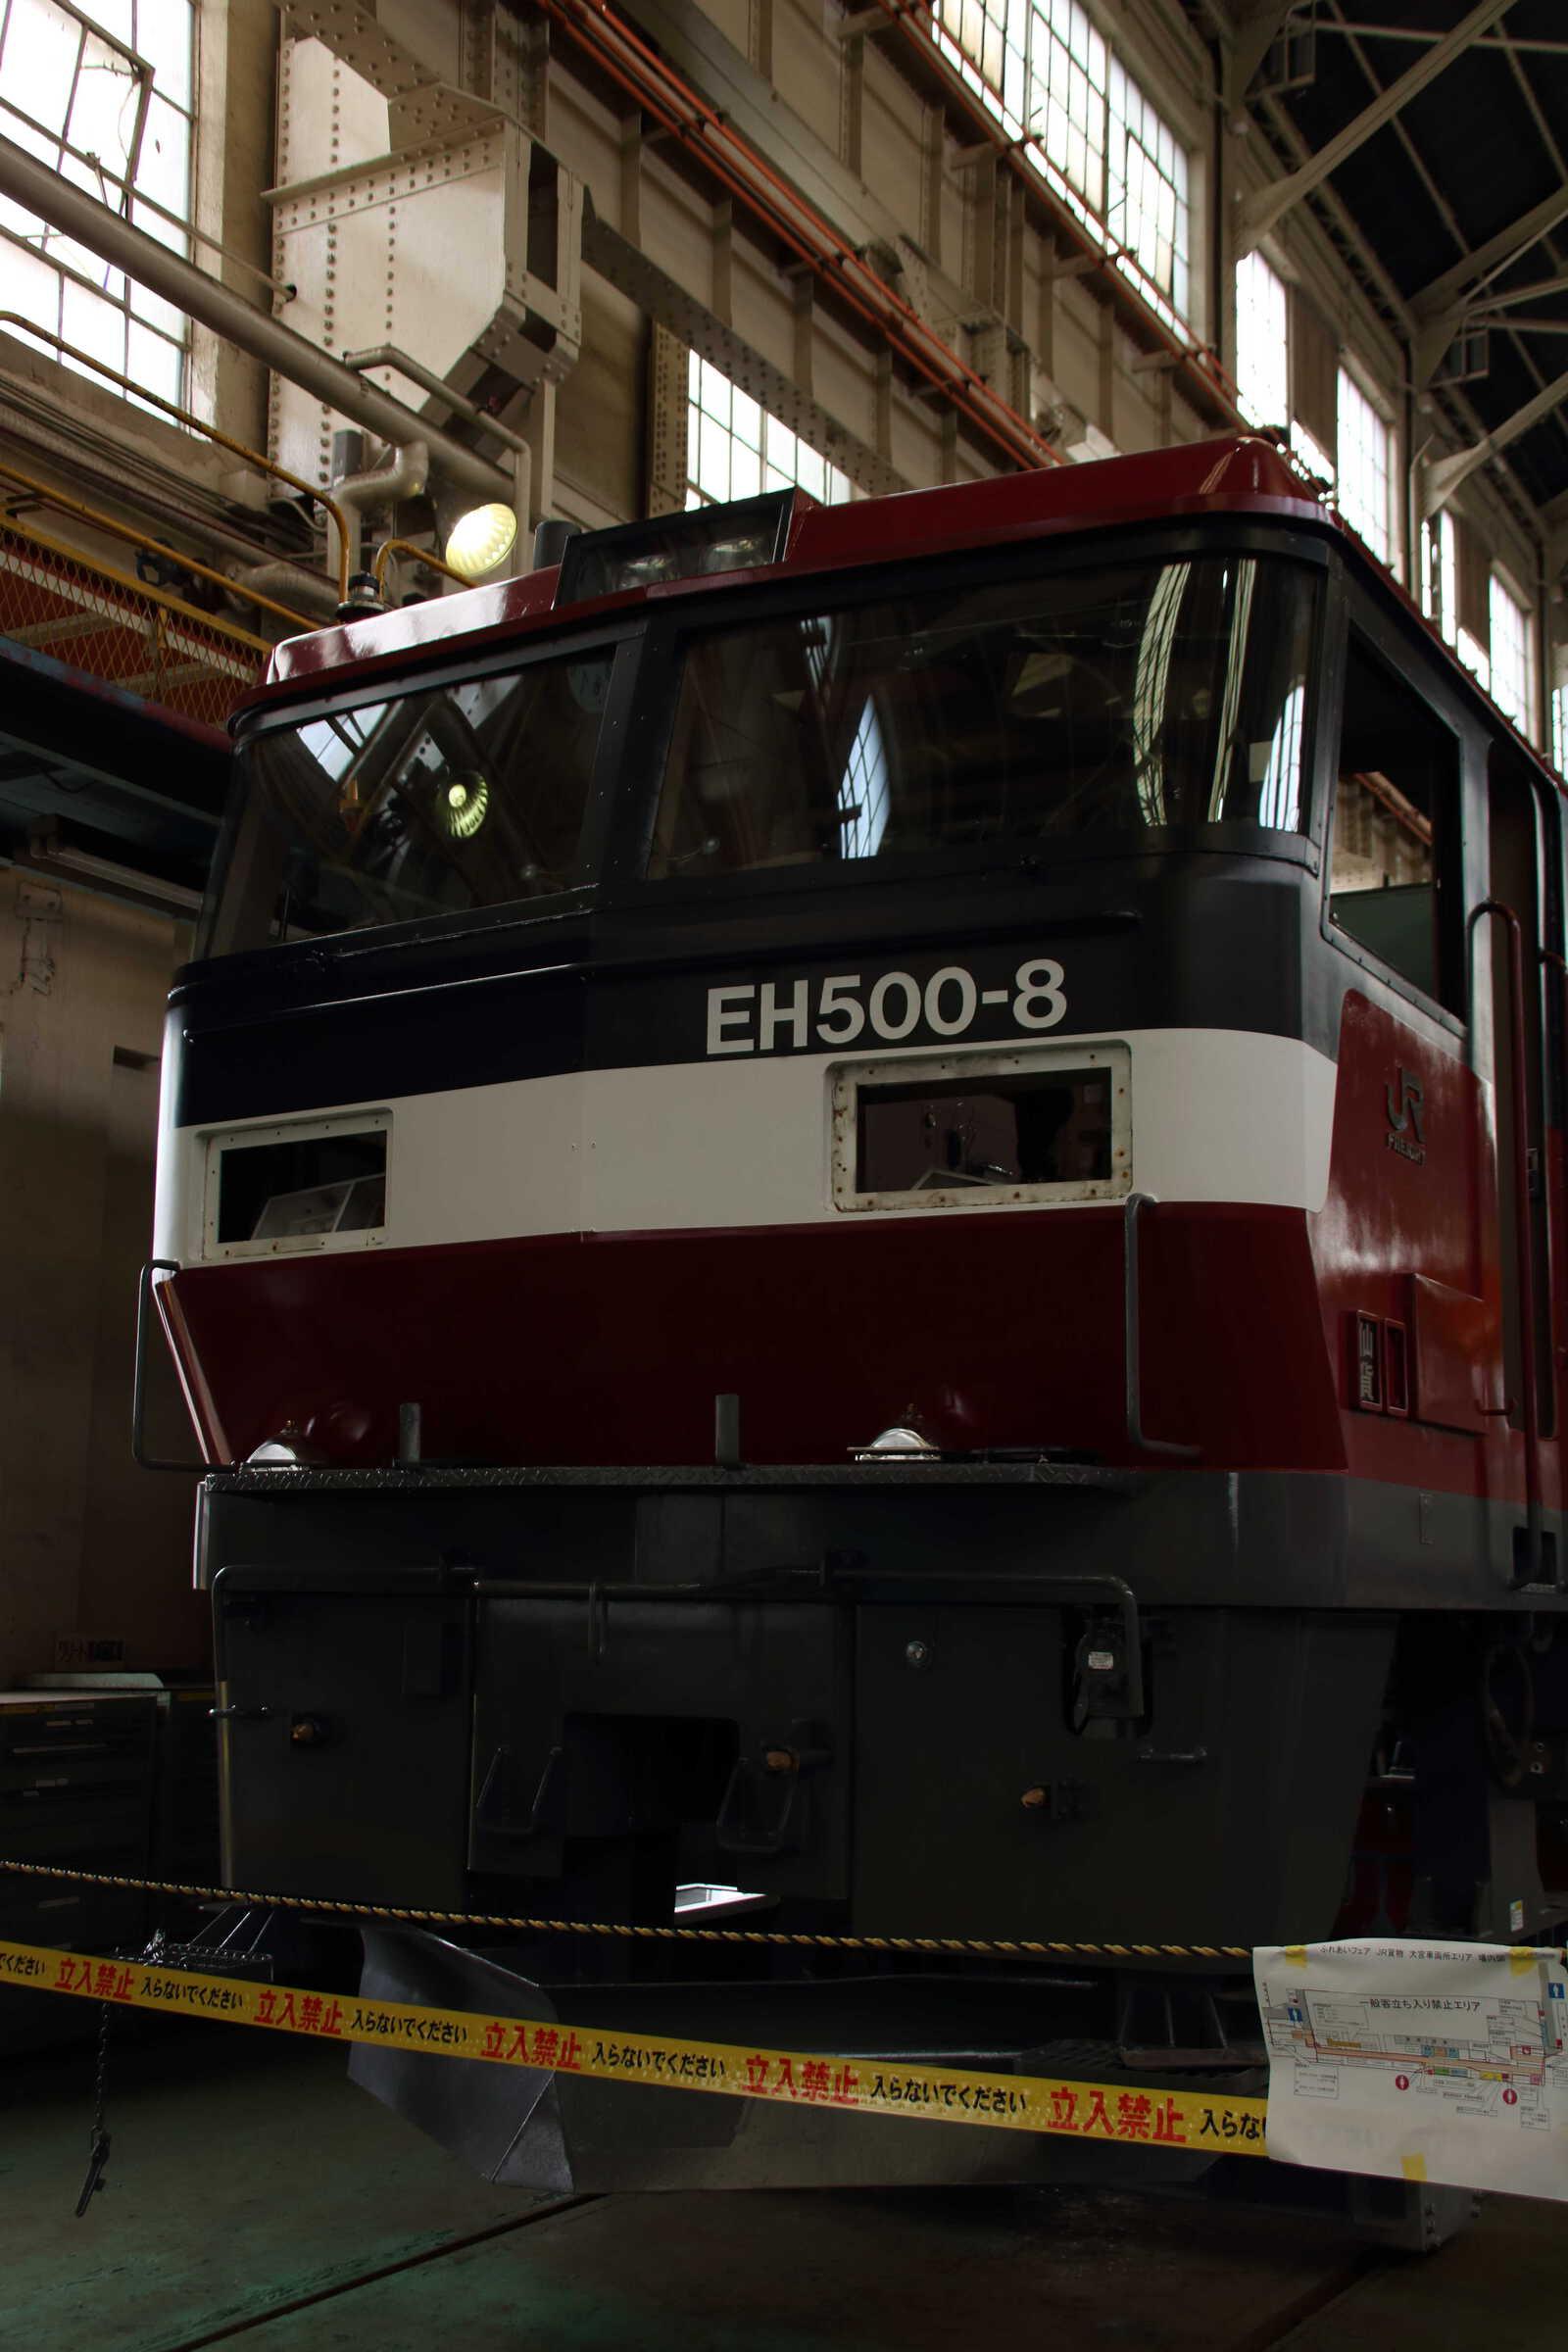 EH500-8[仙貨]